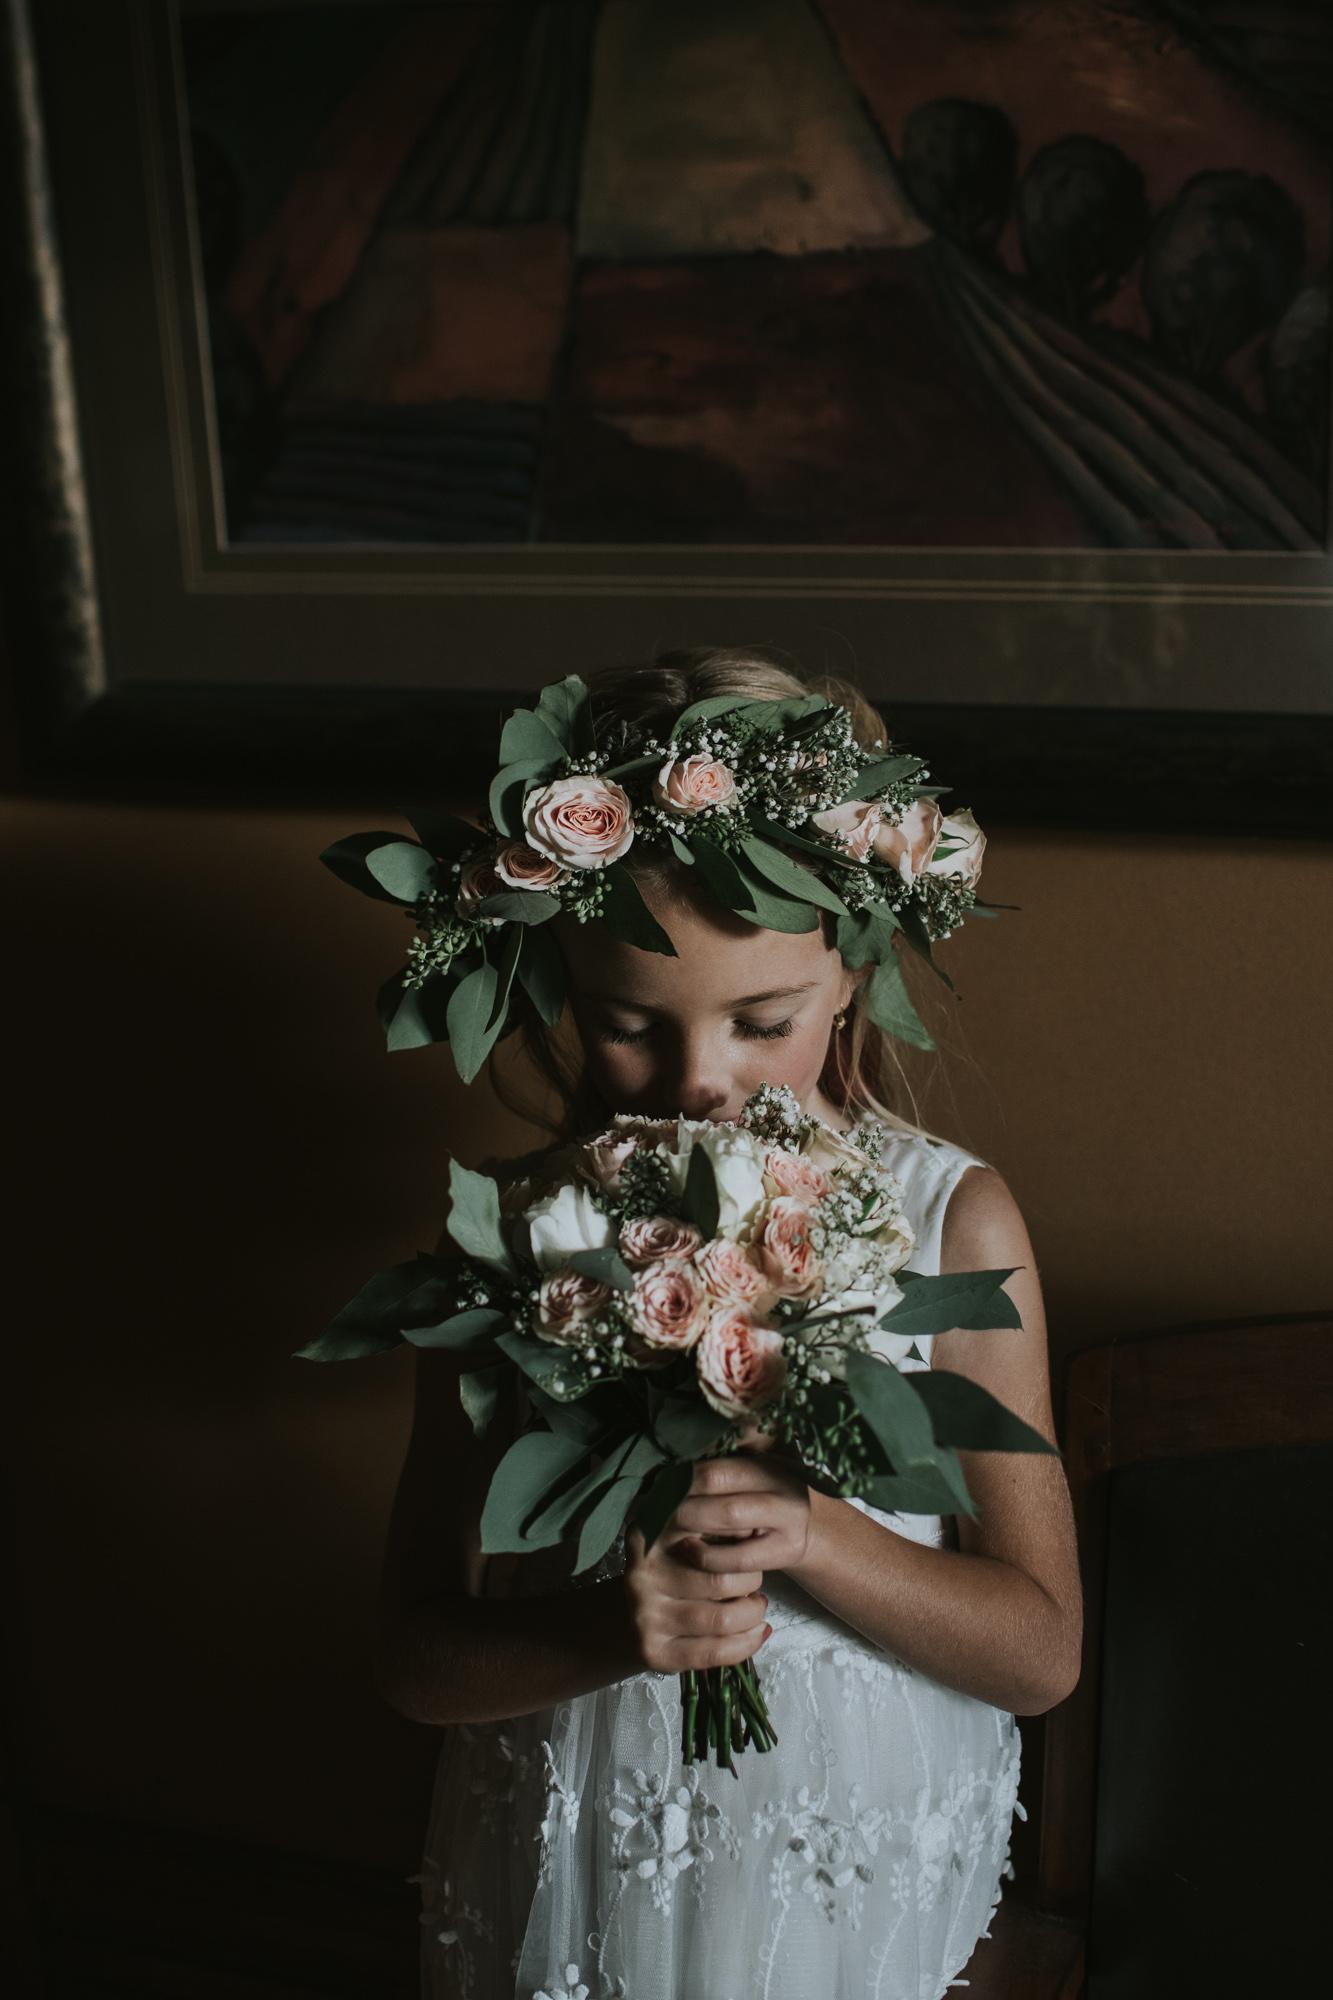 The sweetest flower girl